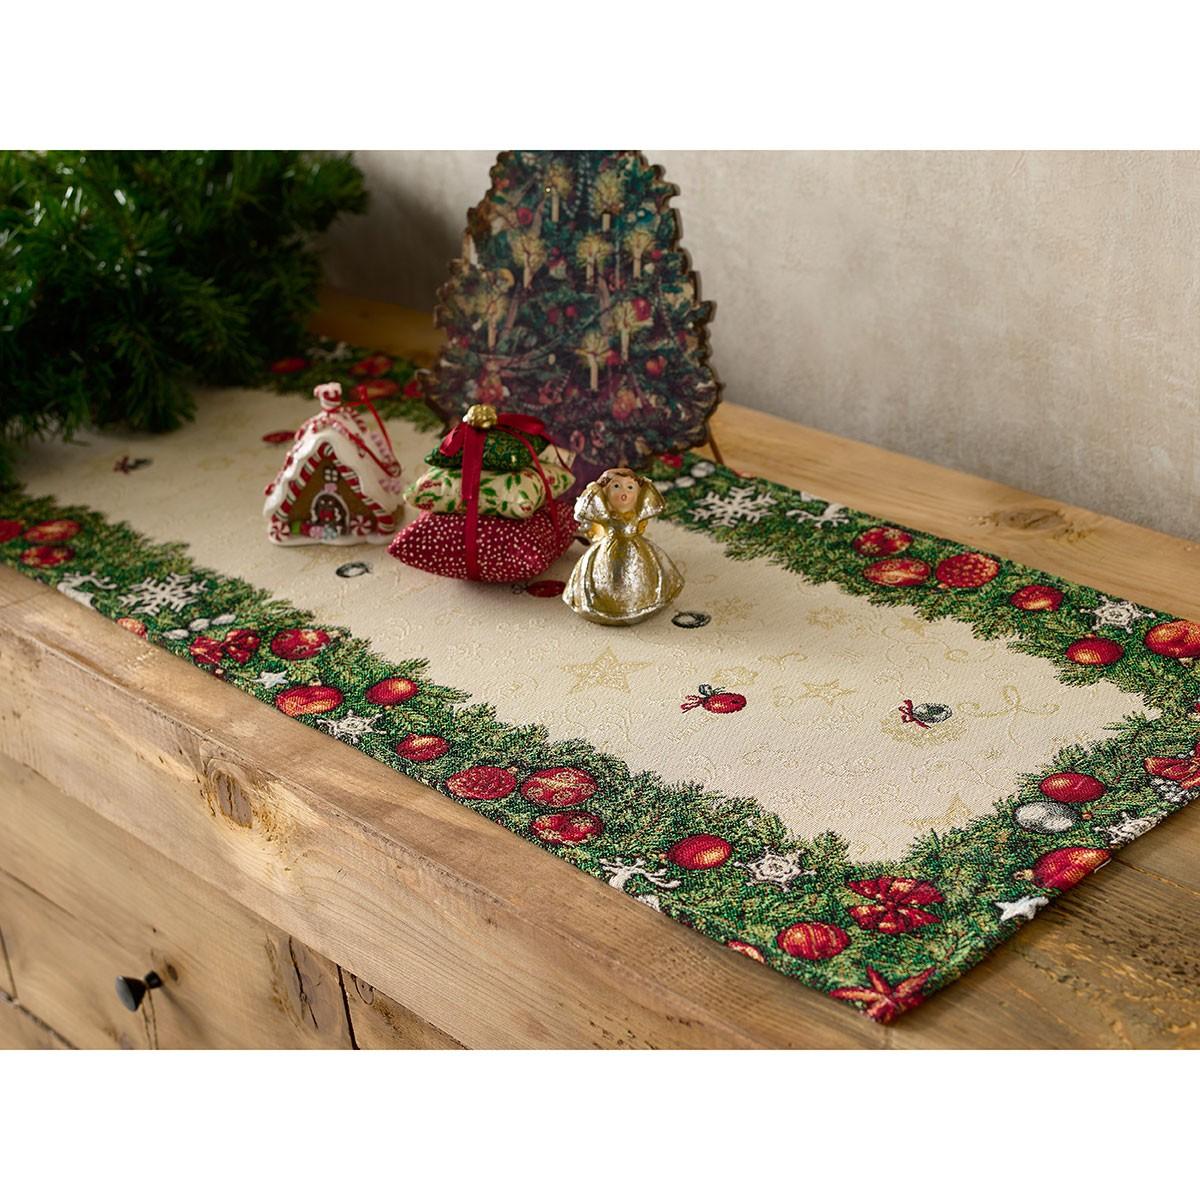 Χριστουγεννιάτικη Τραβέρσα (45x140) Gofis Home 209 home   χριστουγεννιάτικα   χριστουγεννιάτικες τραβέρσες